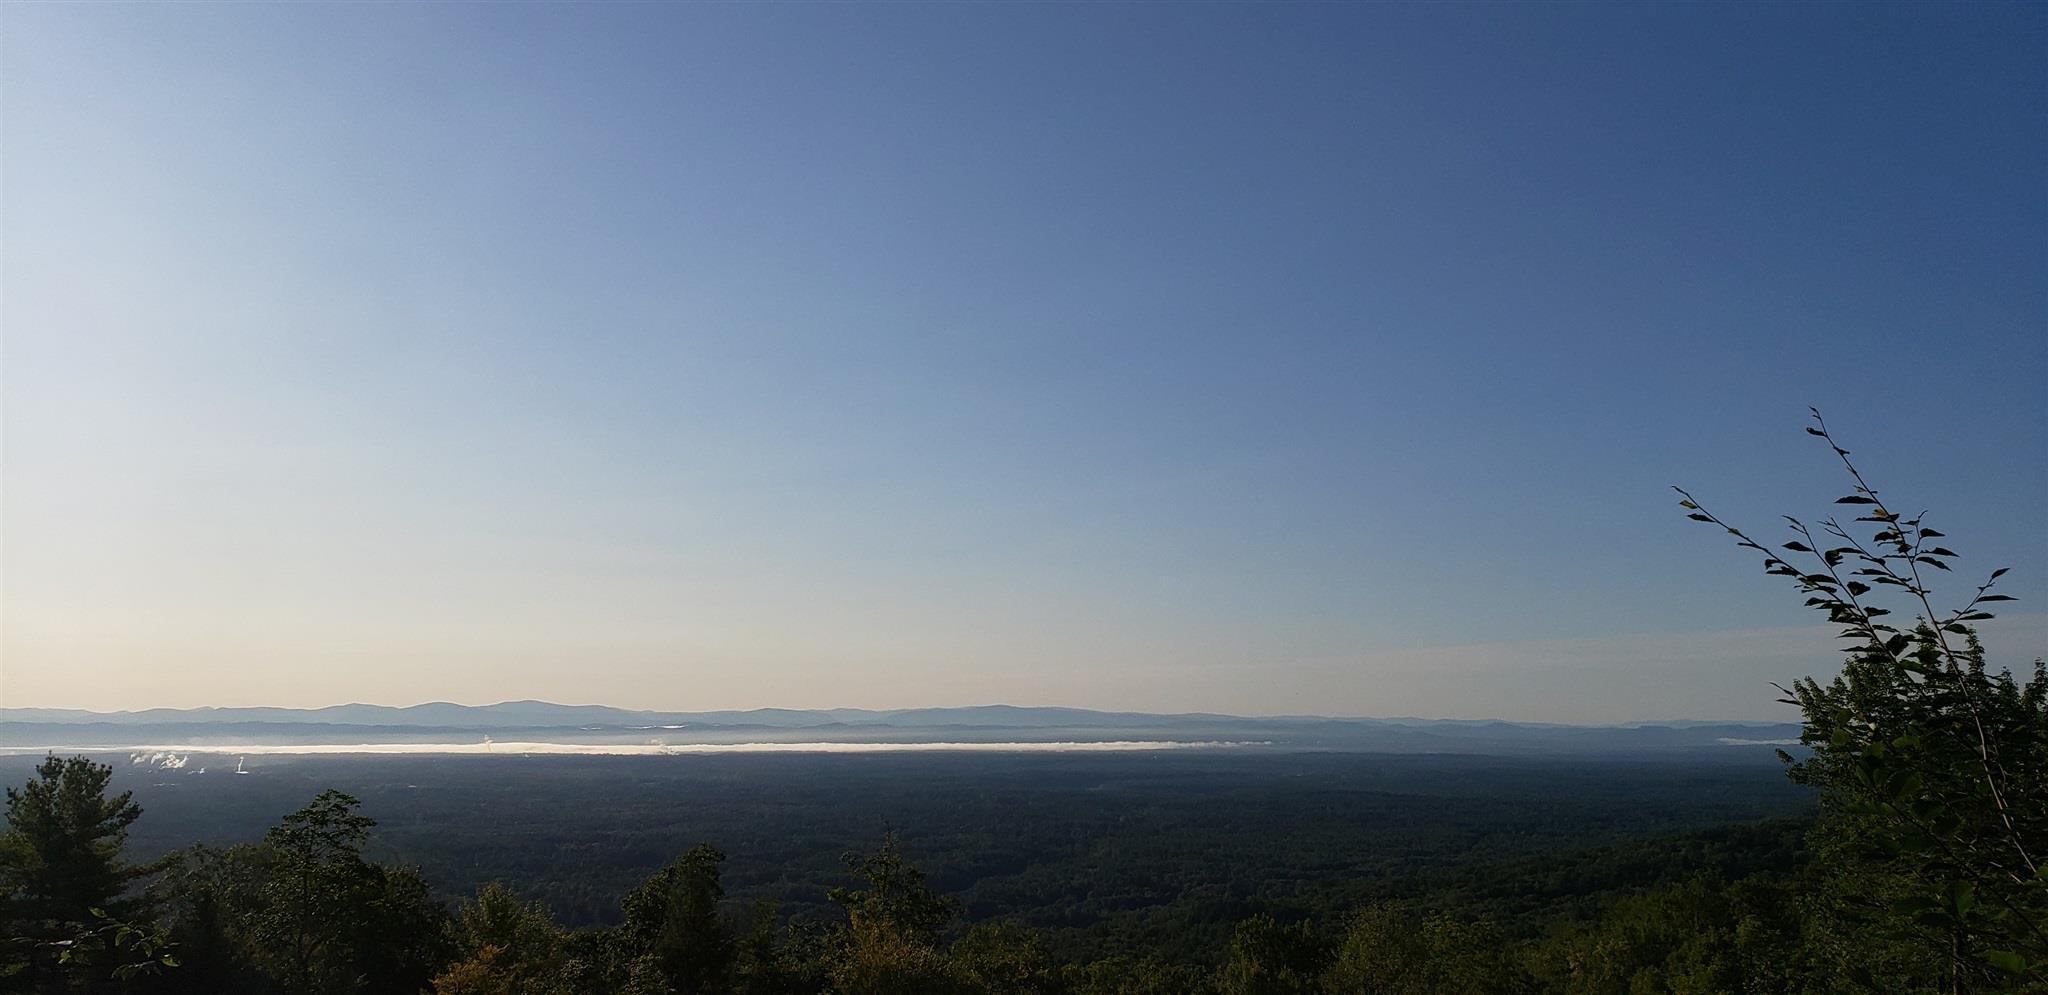 Lake Lazur image 15